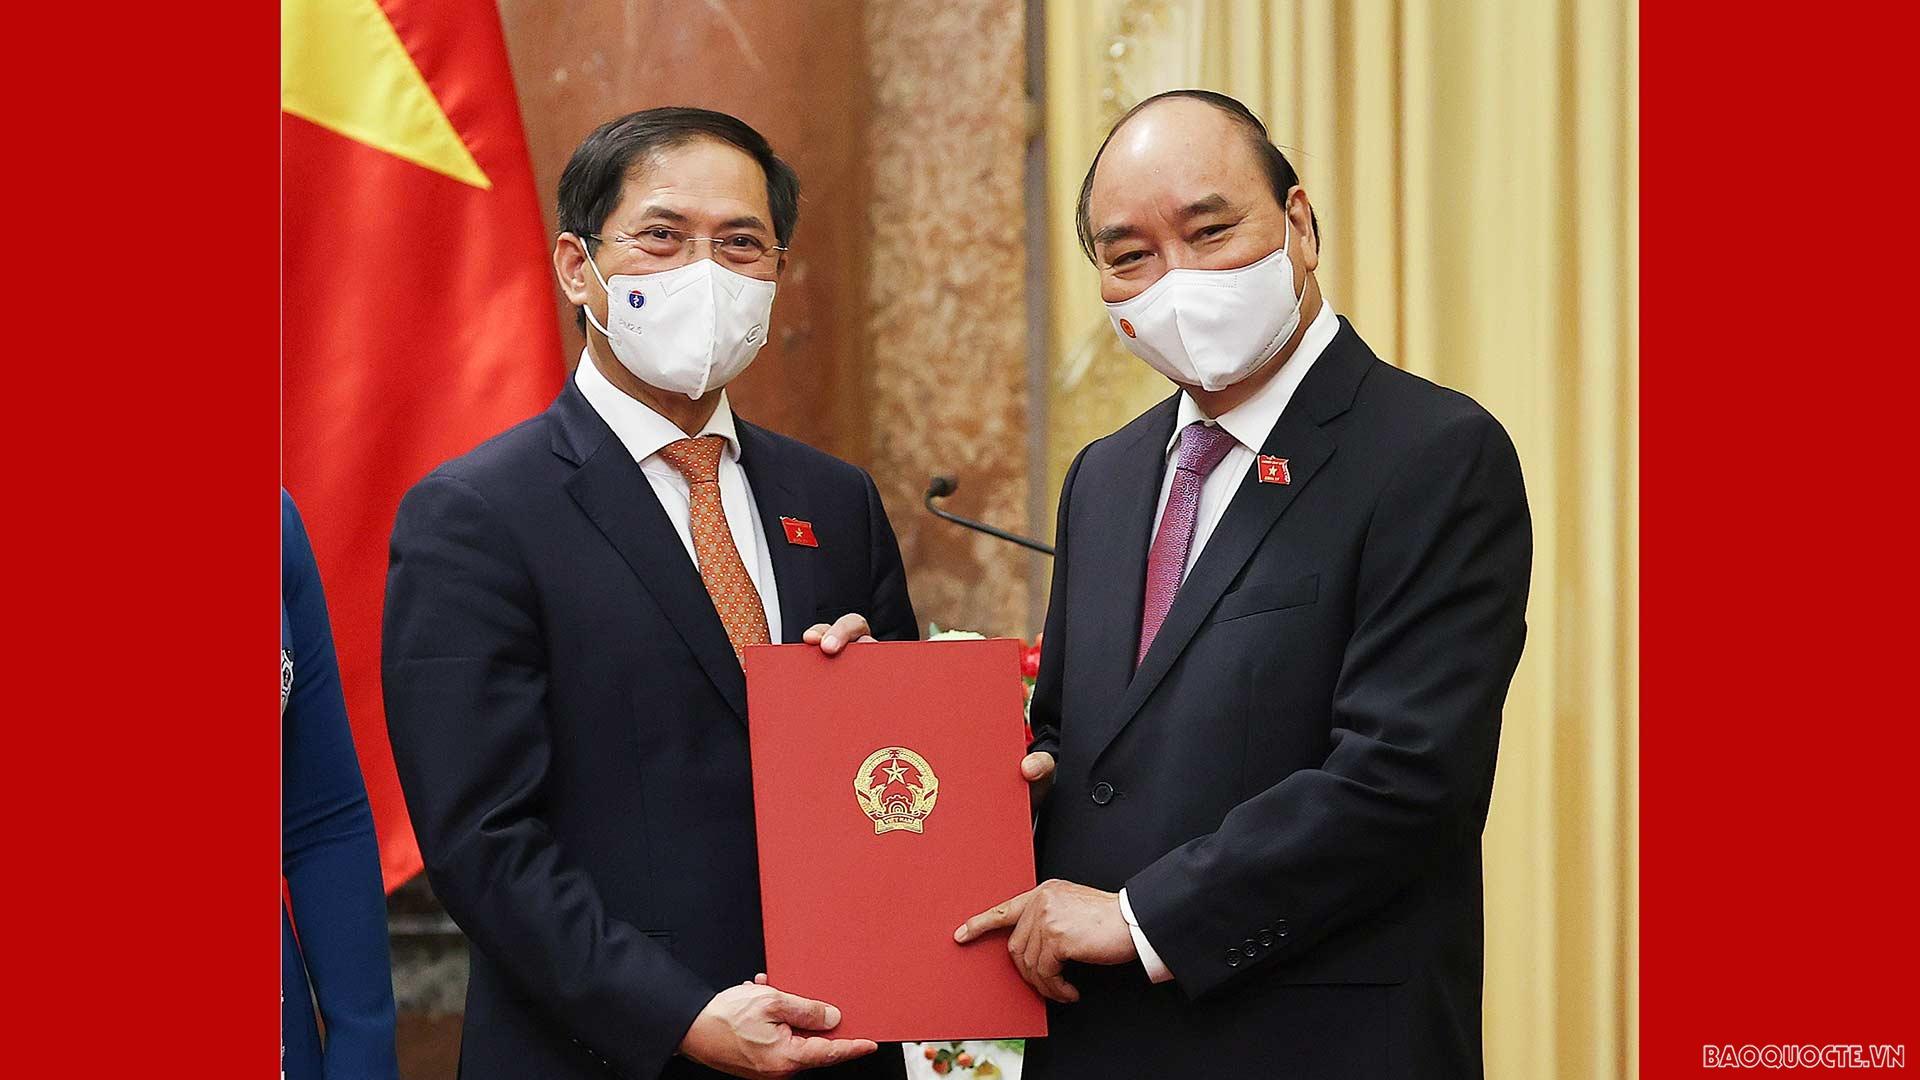 Đồng chí Bùi Thanh Sơn được bổ nhiệm làm Bộ trưởng Bộ Ngoại giao nhiệm kỳ 2021-2026